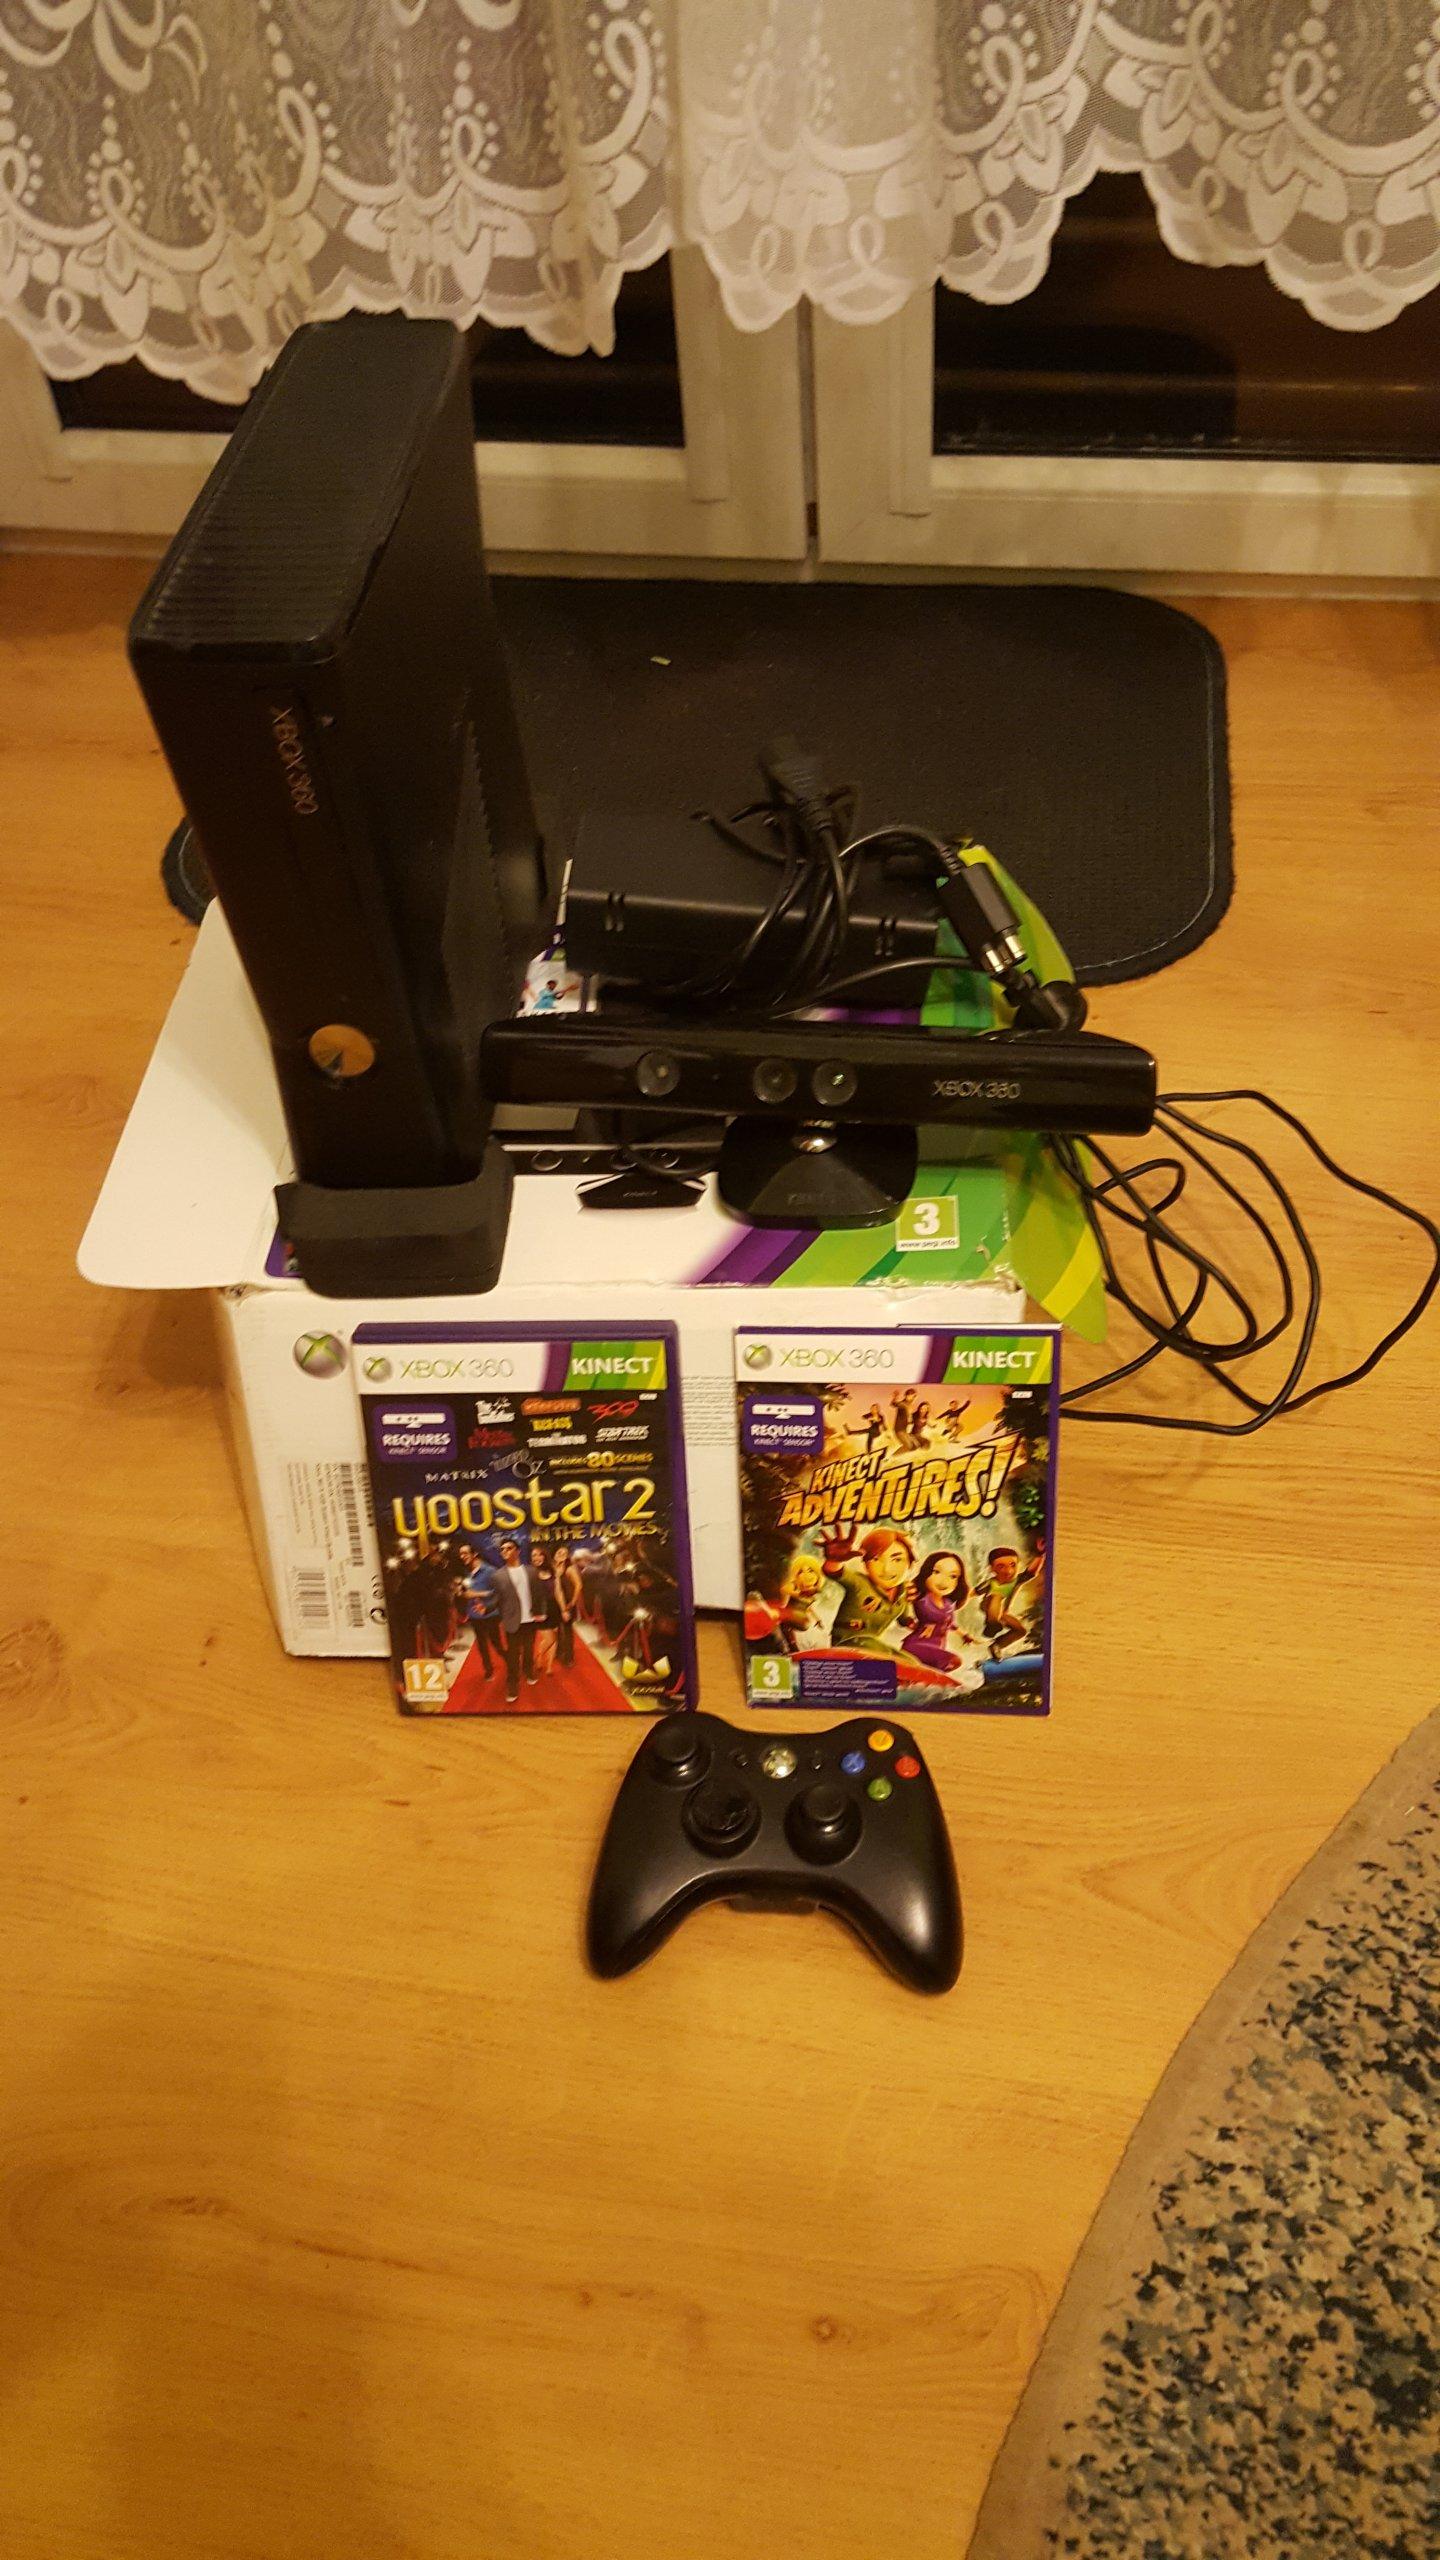 Xbox 360 Slim Malo Uzywany Kinnect Pad Gry 7023953326 Oficjalne Archiwum Allegro